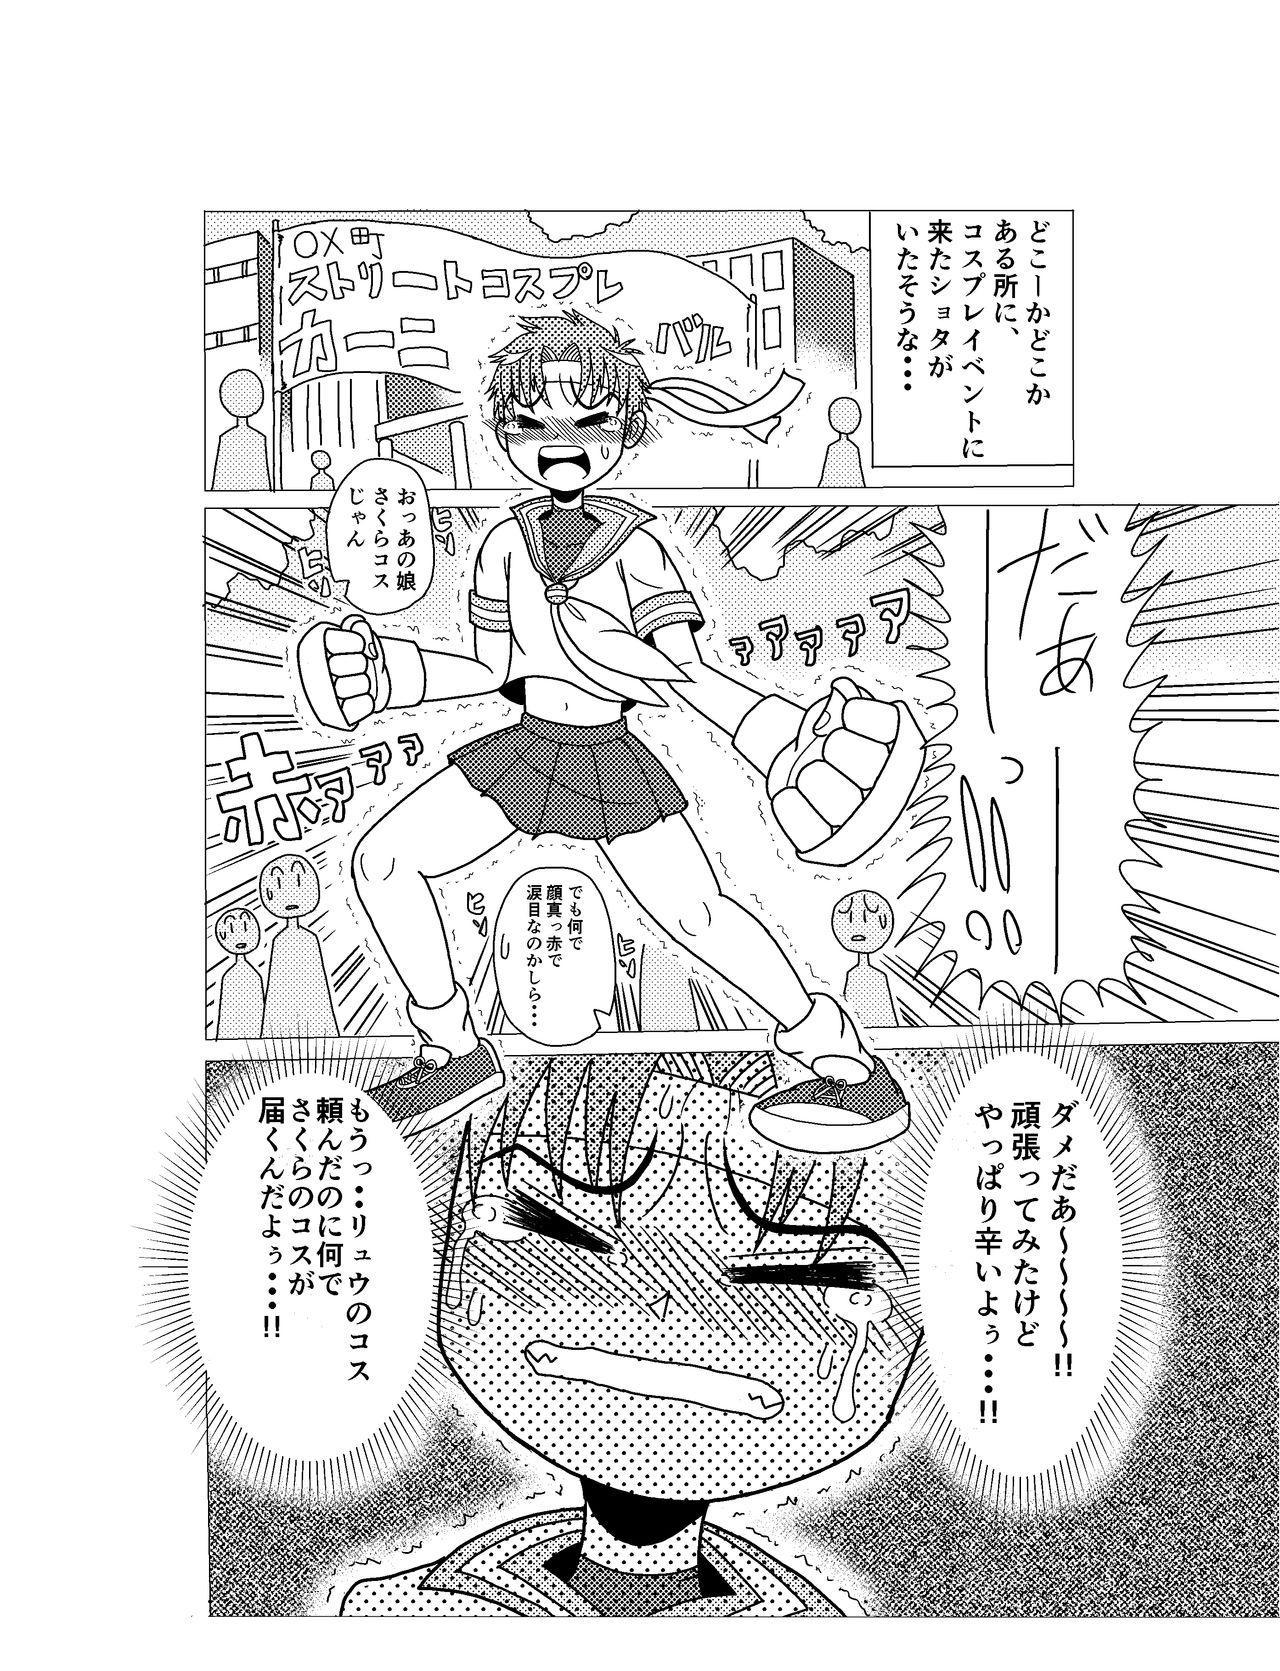 Sakura Cos Shota Kyousei Rojou Hentai Choukyou Gokumonsatsu 3